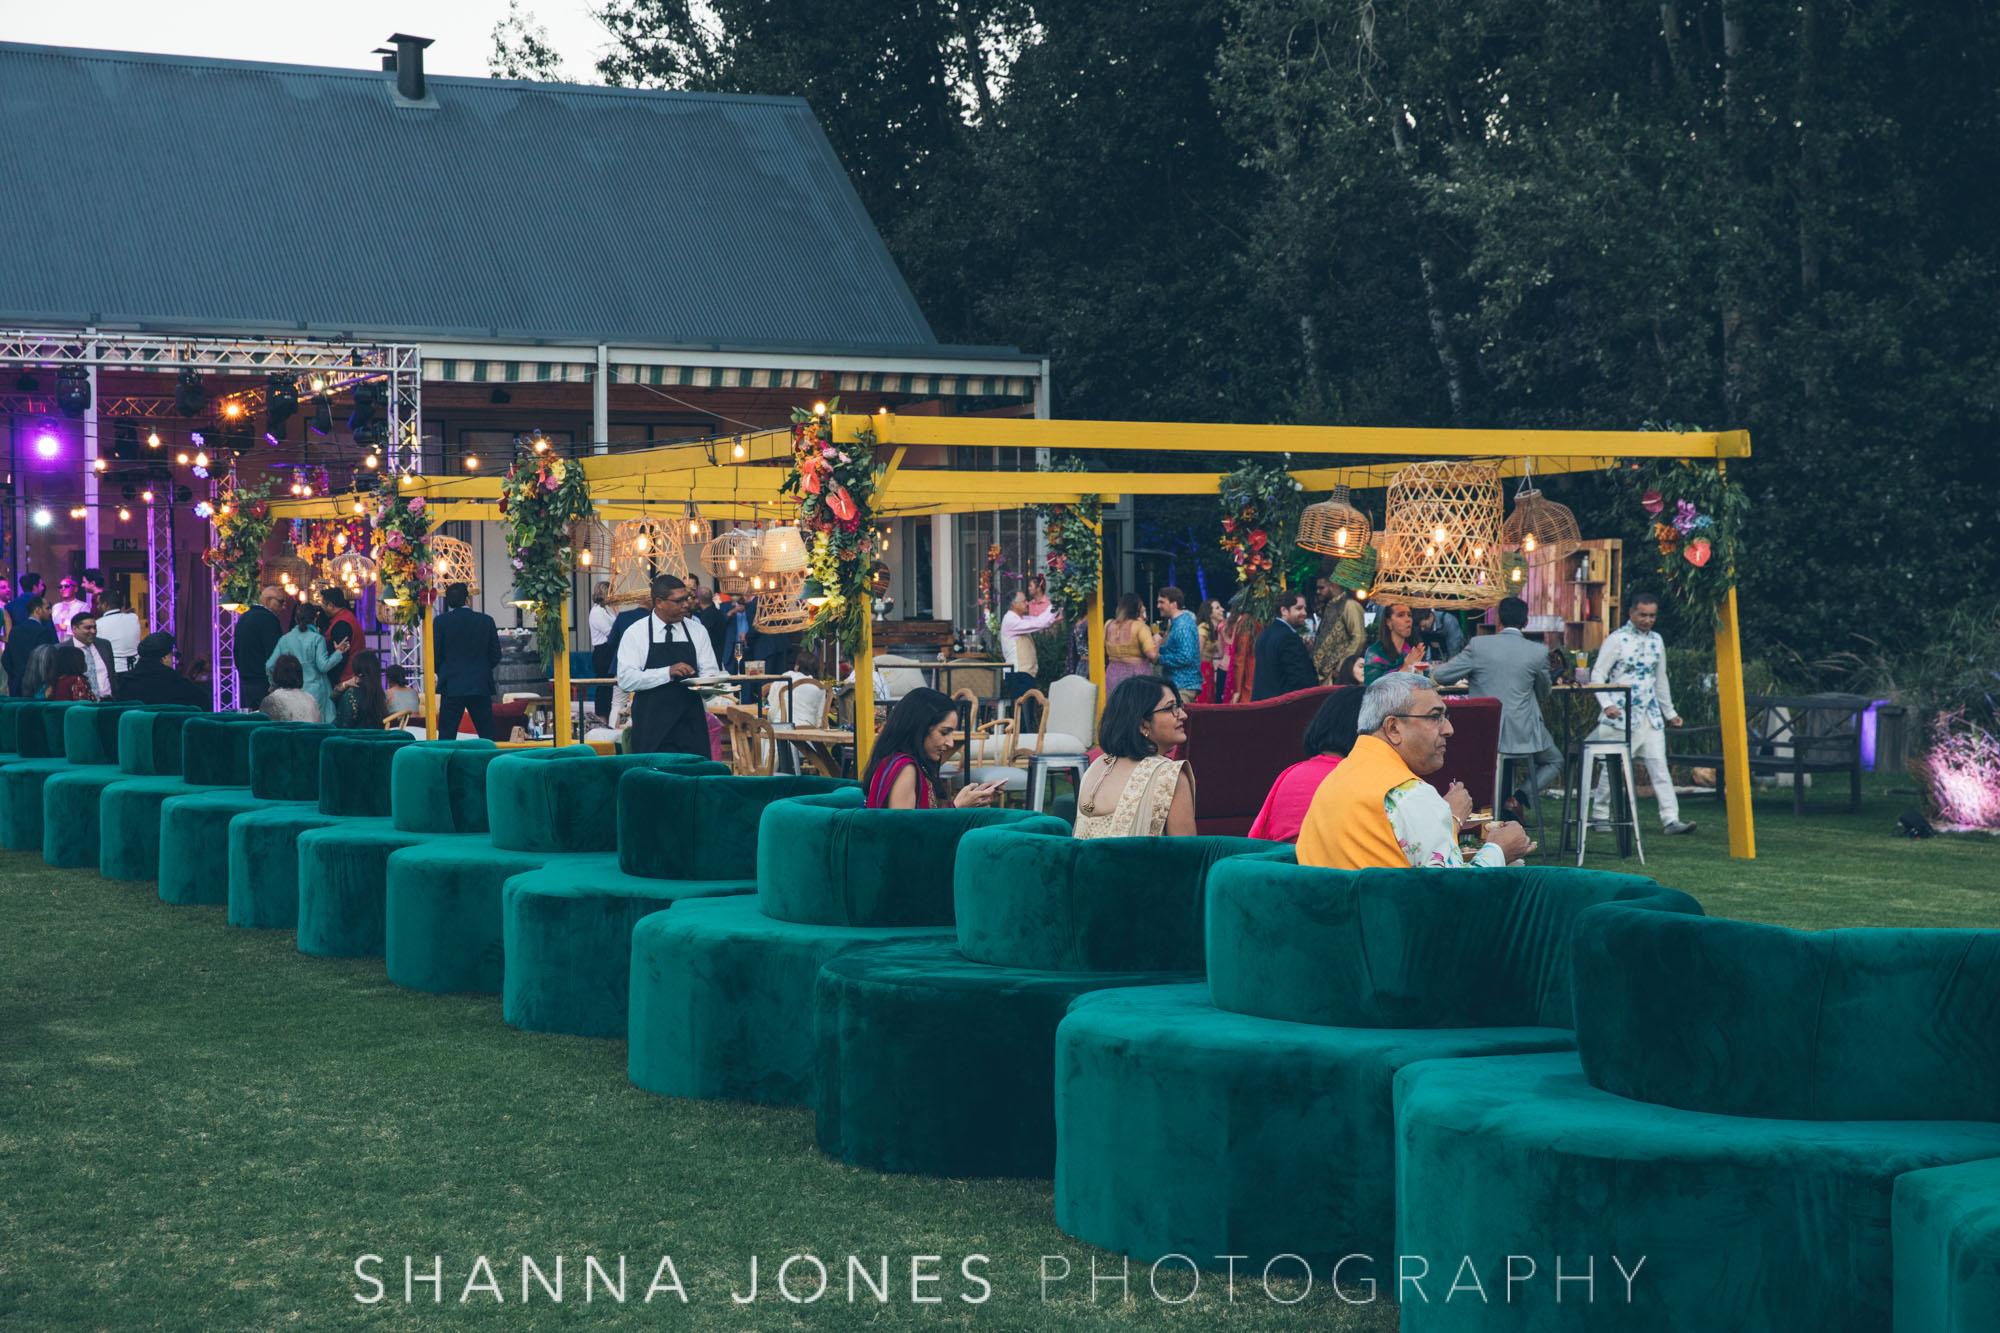 molenvliet-stellenbosch-cape-town-hindu-wedding-shanna-jones-photography-charlotte-kush-48.jpg